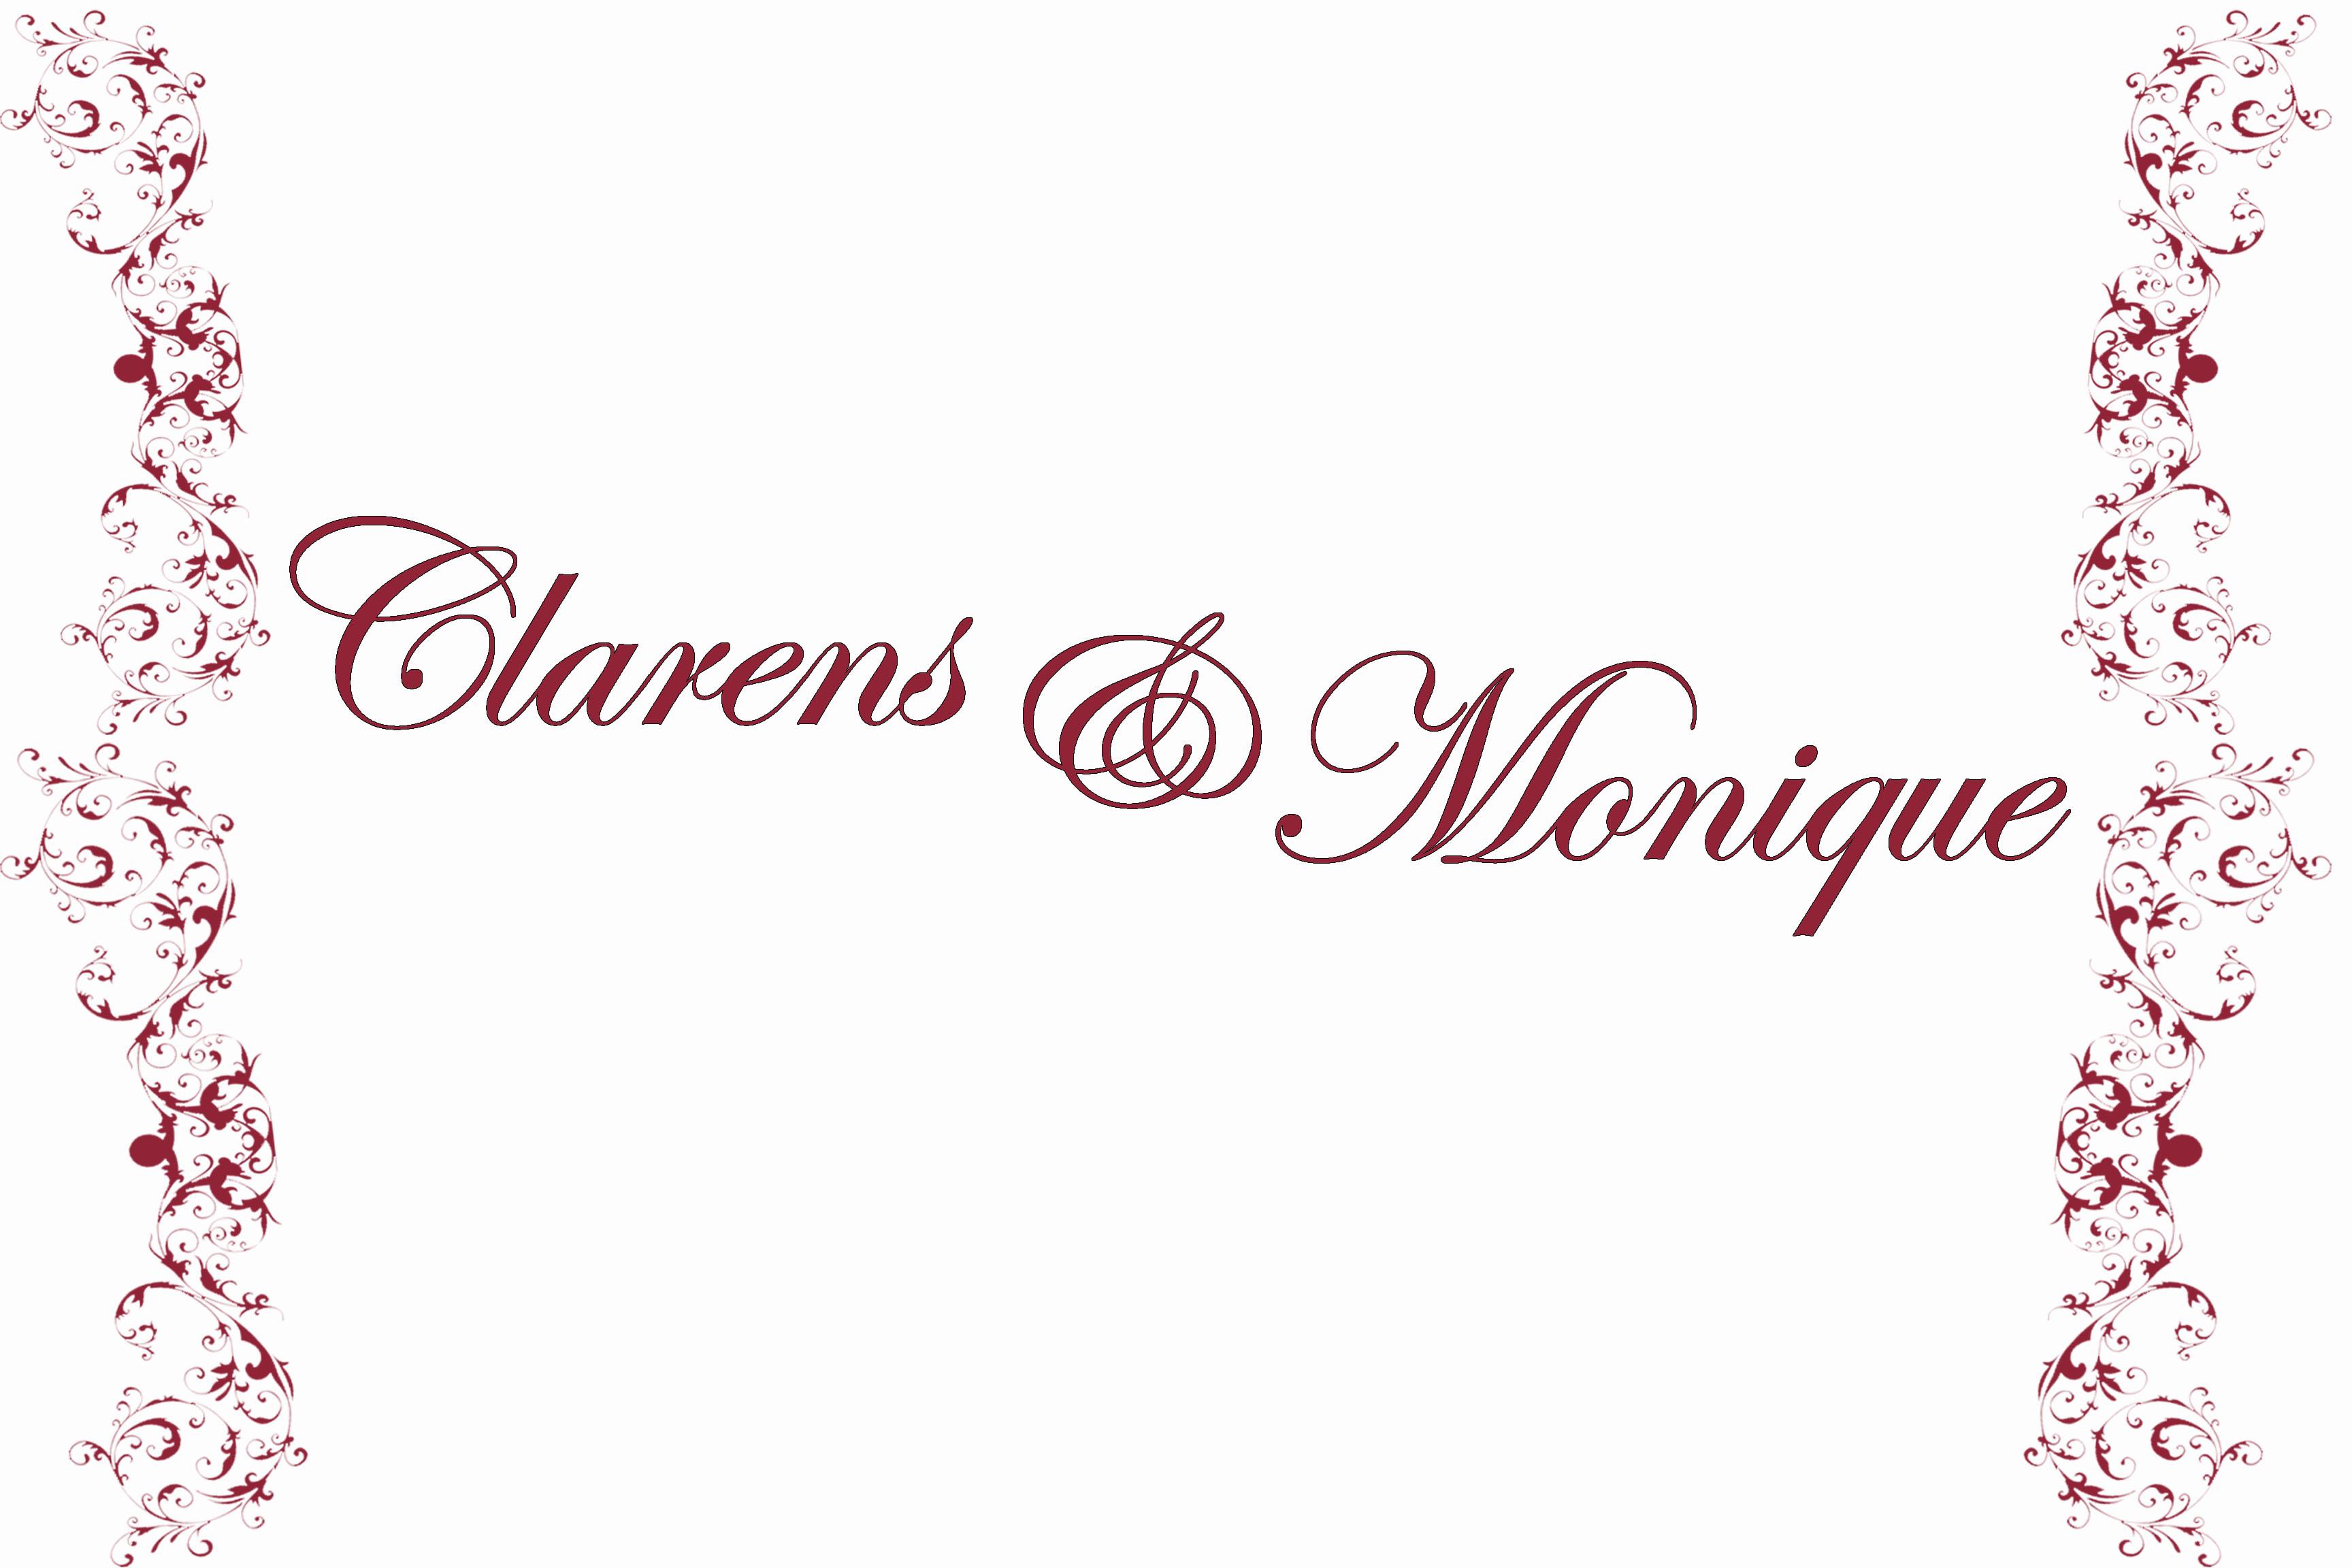 Clarens-Monique-Blockss